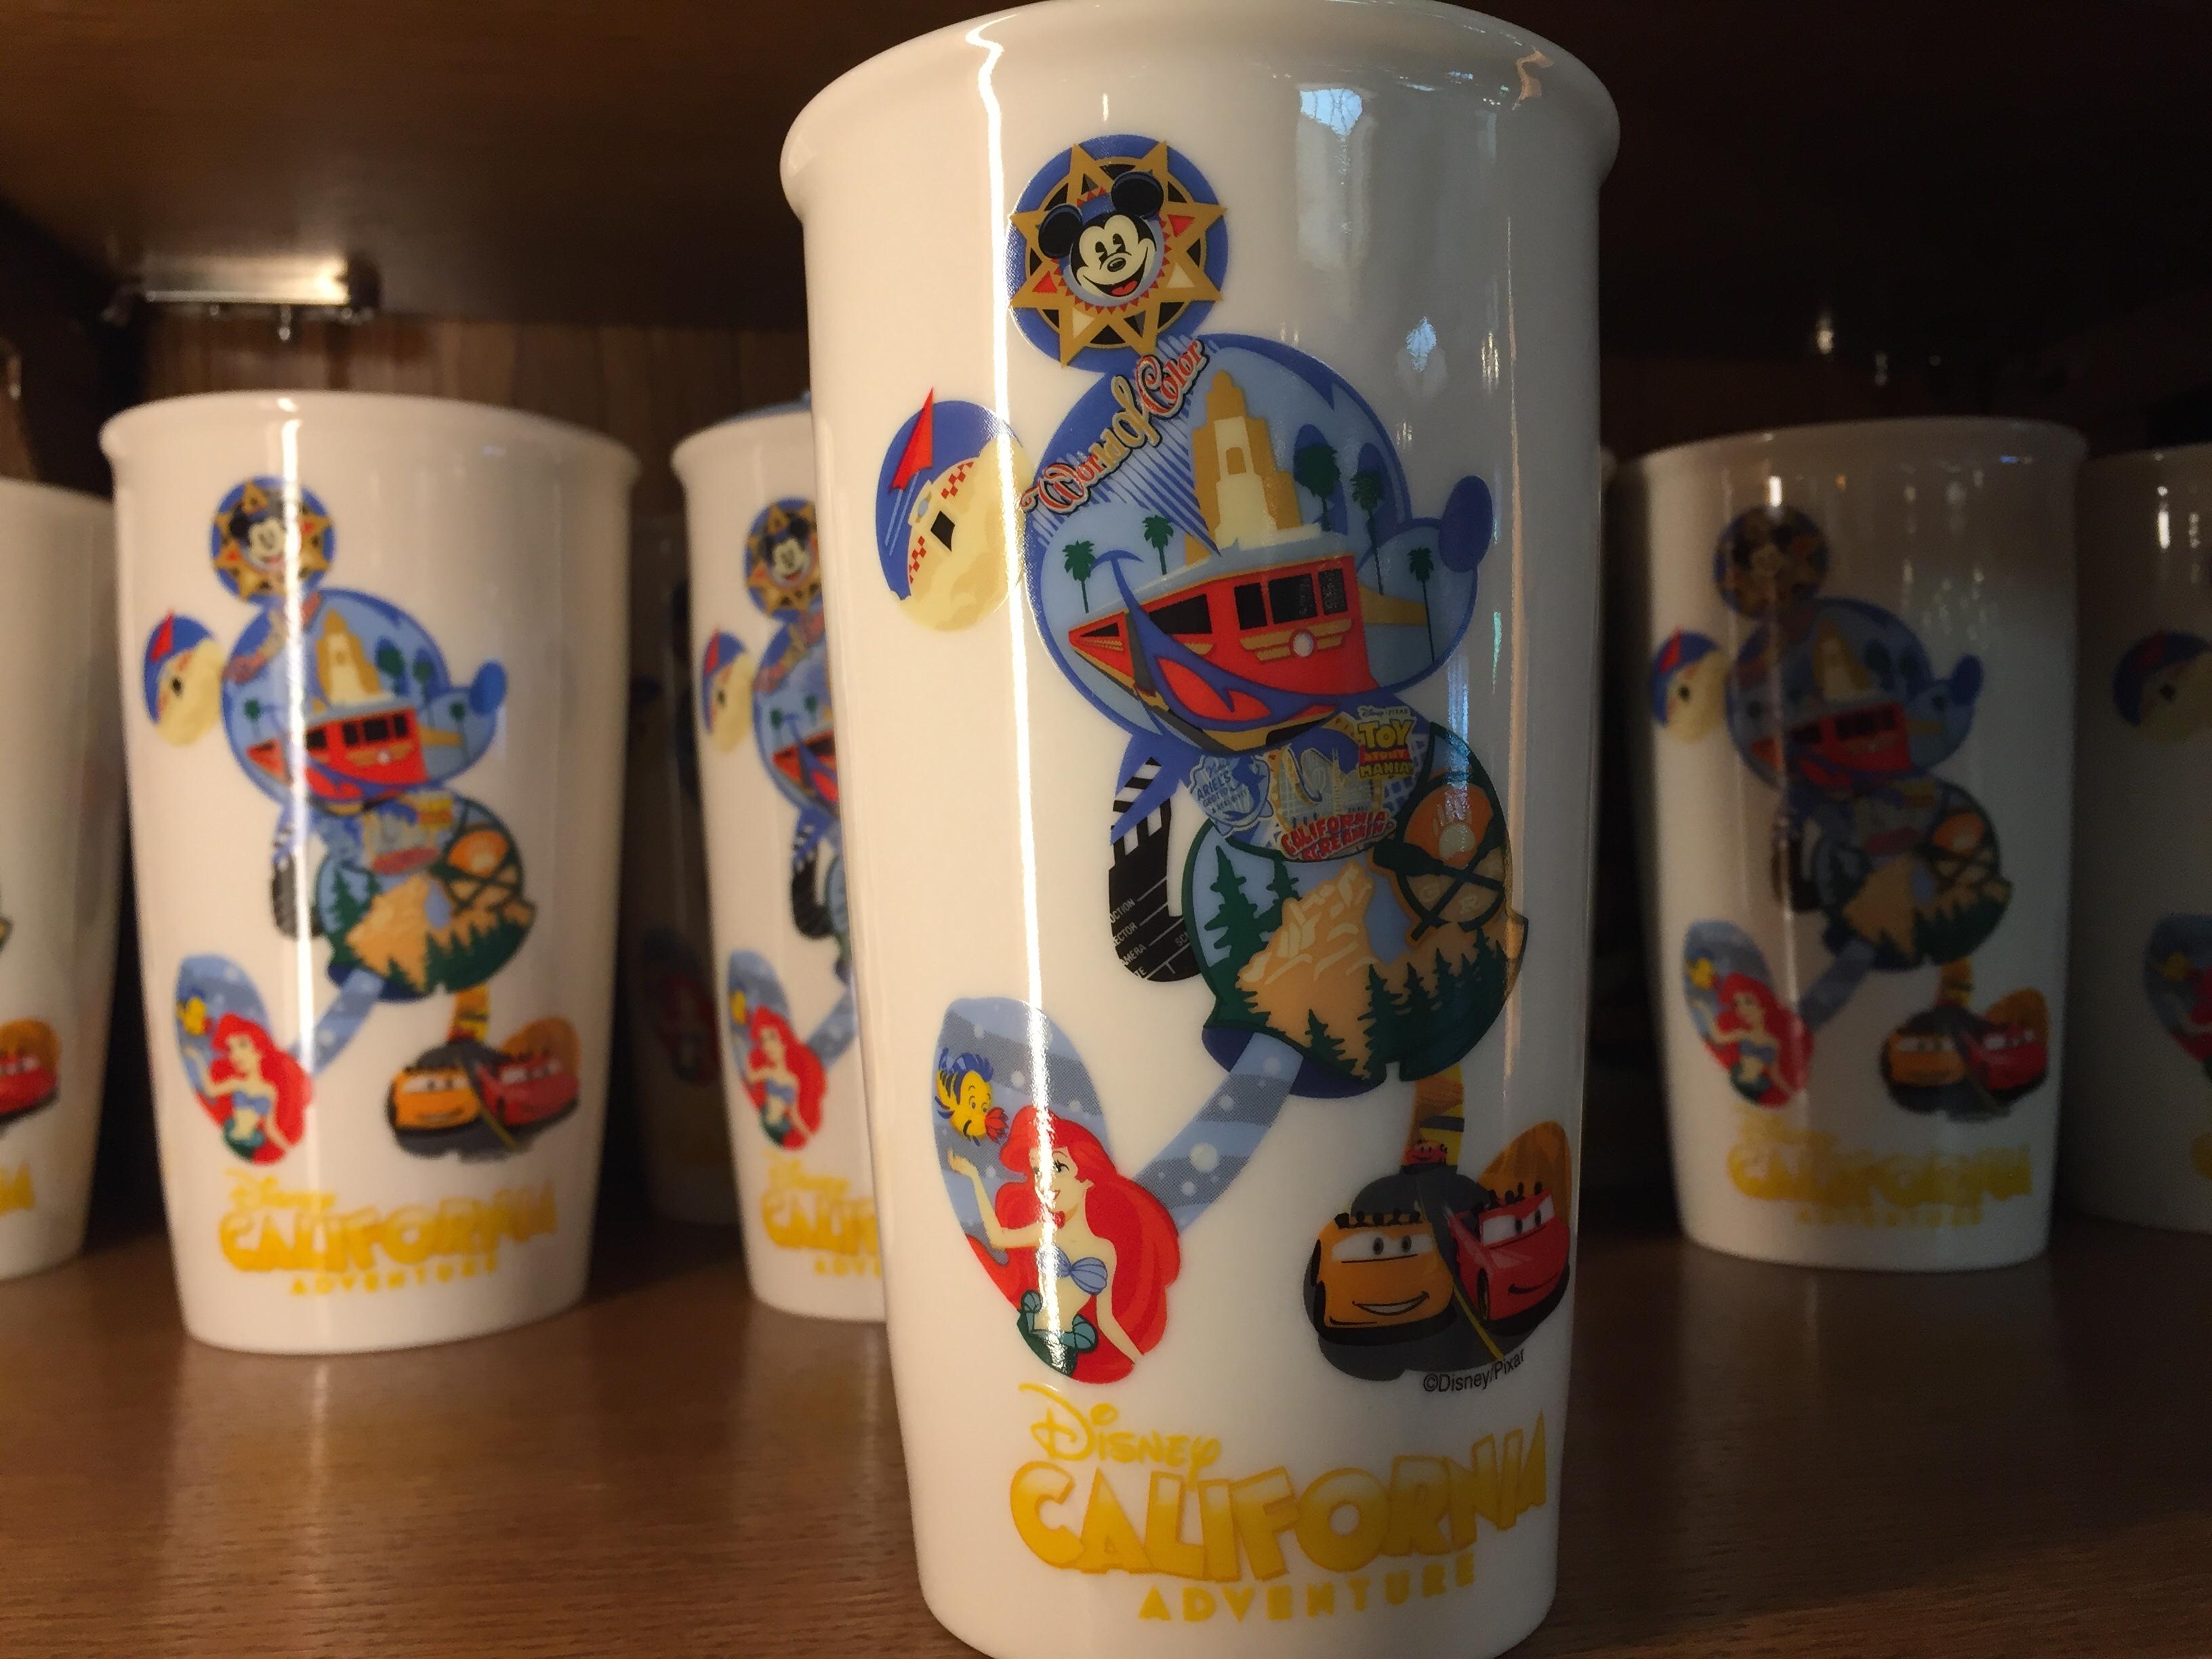 Photo New Ceramic Disney California Adventure Tumbler